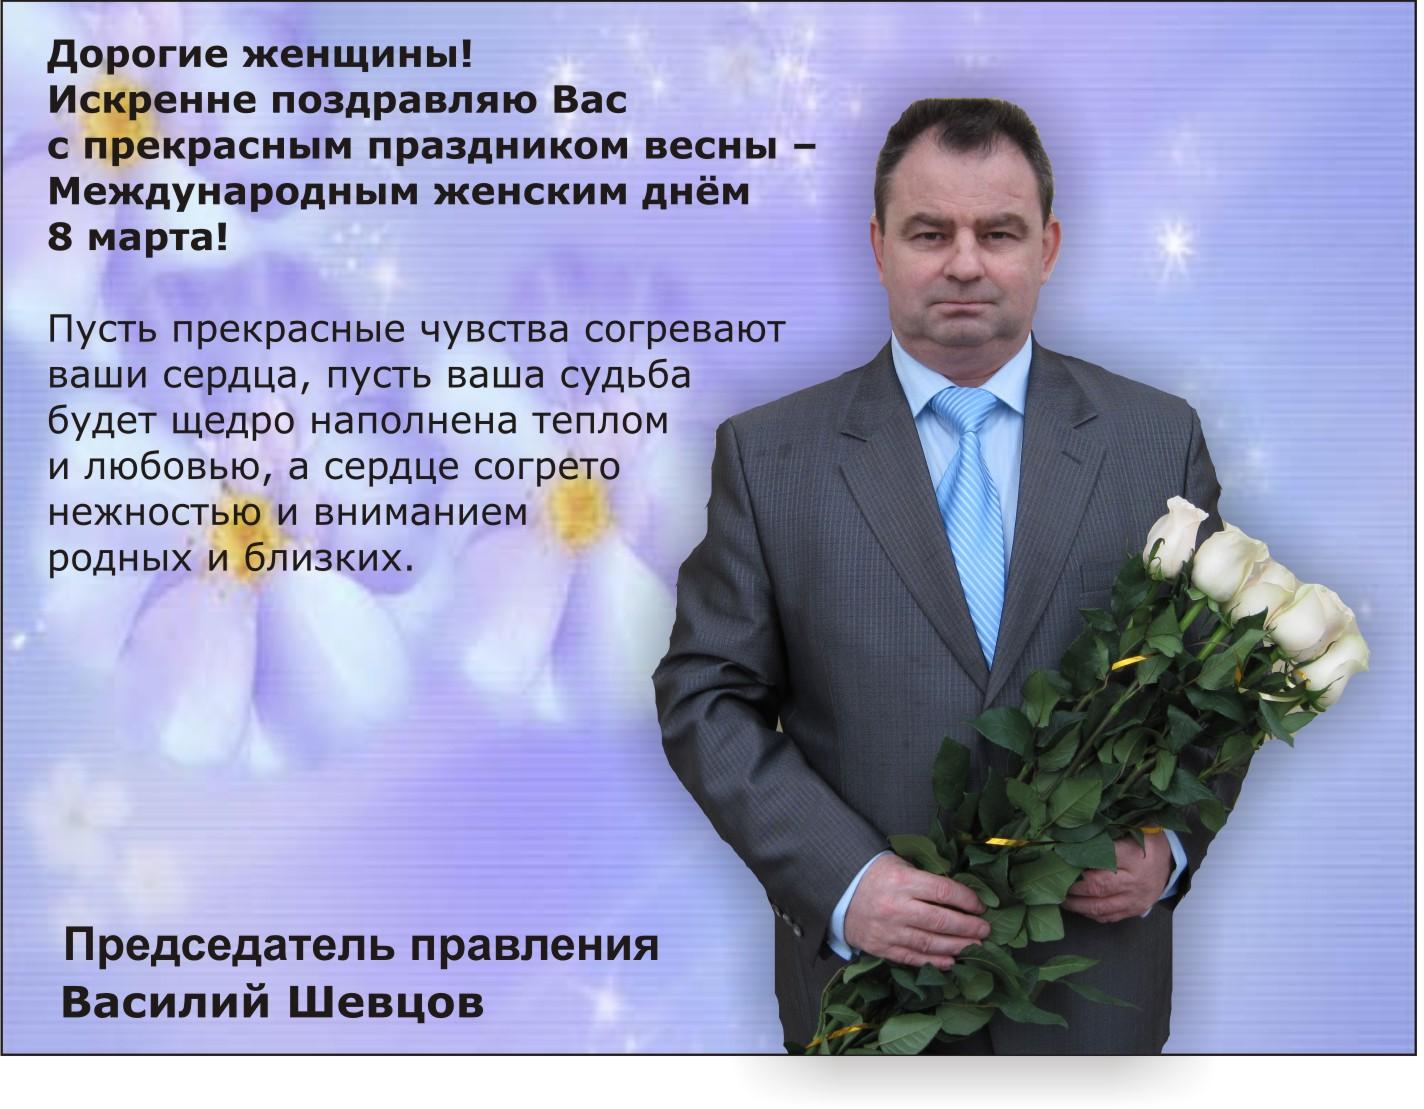 Поздравления на татарском в прозе на юбилей 55 лет